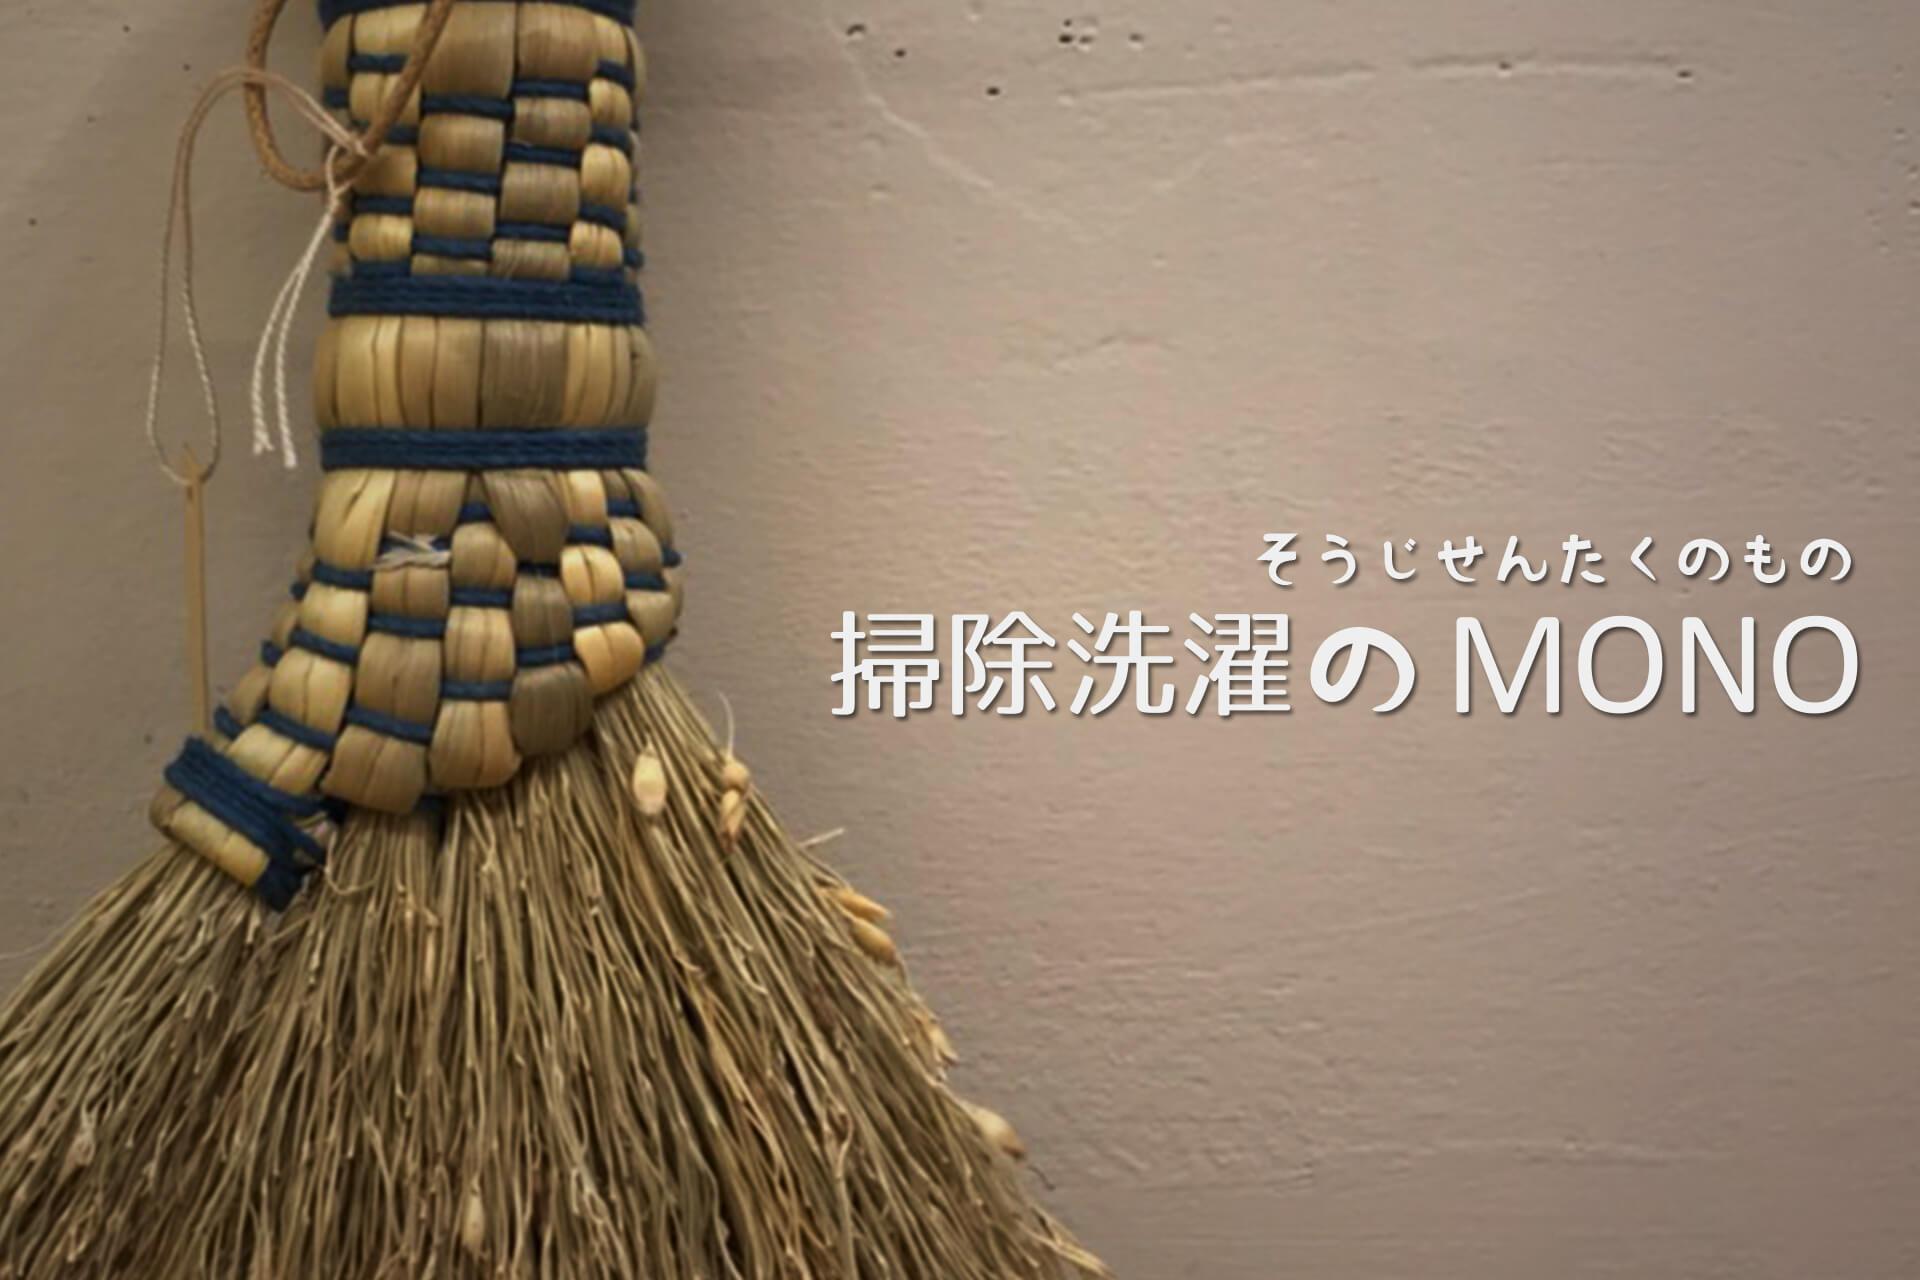 掃除洗濯のMONO